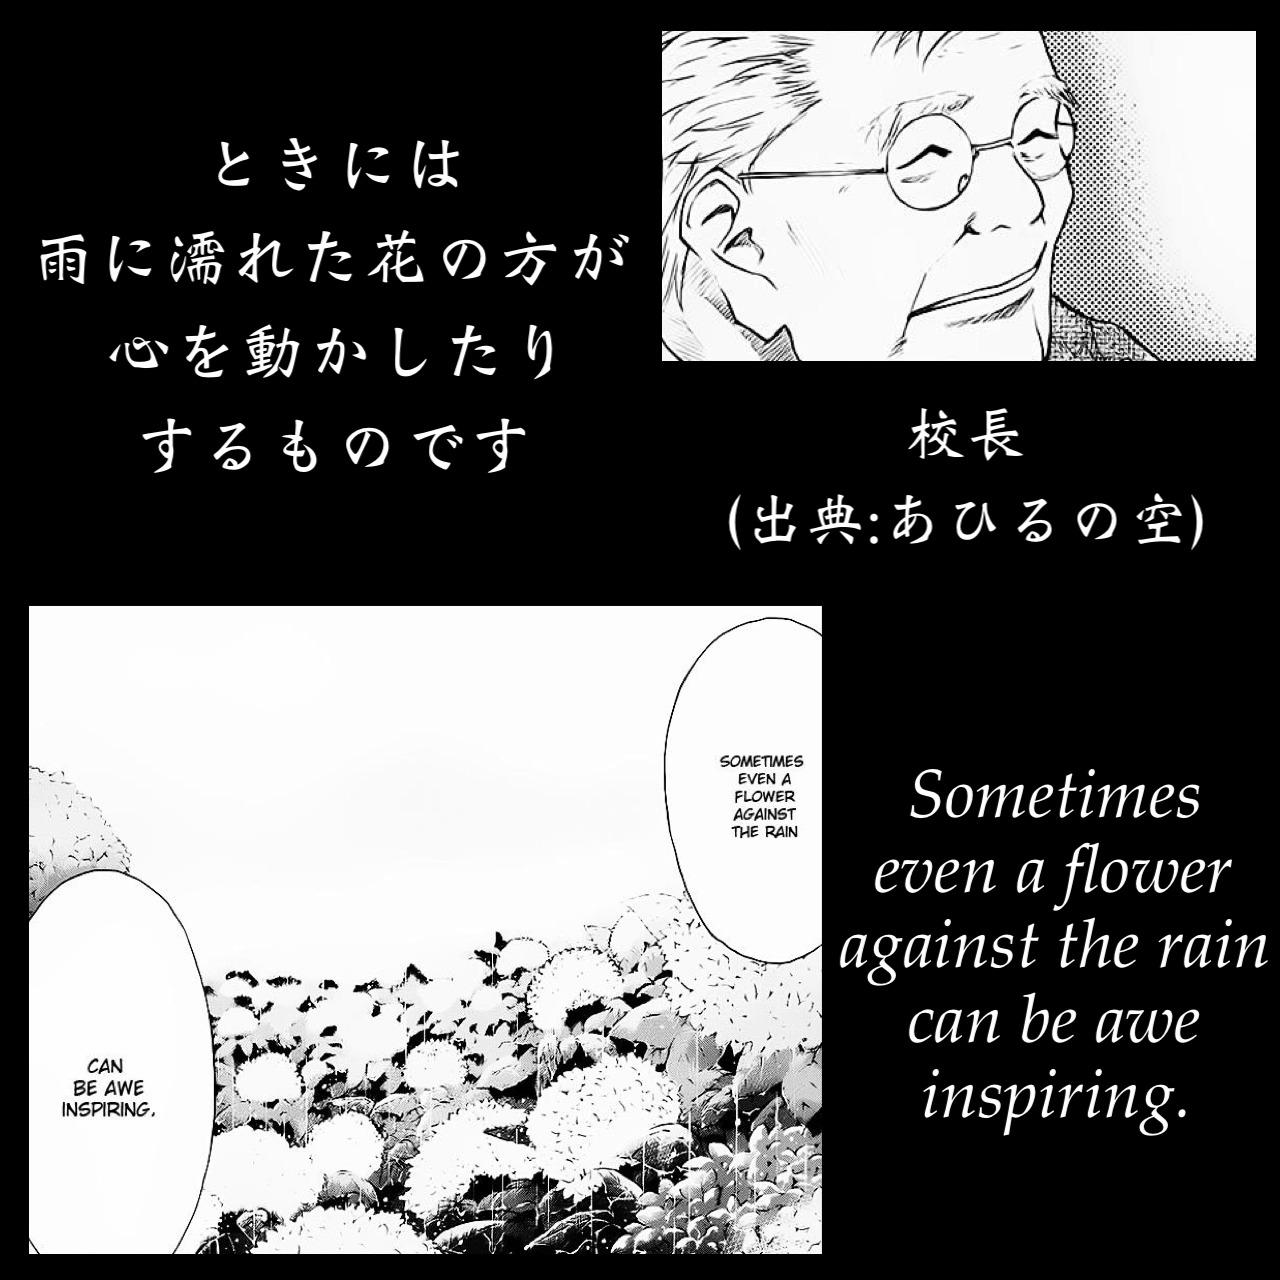 ときには雨に濡れた花の方が心を動かしたりするものです / 校長(出典:あひるの空)